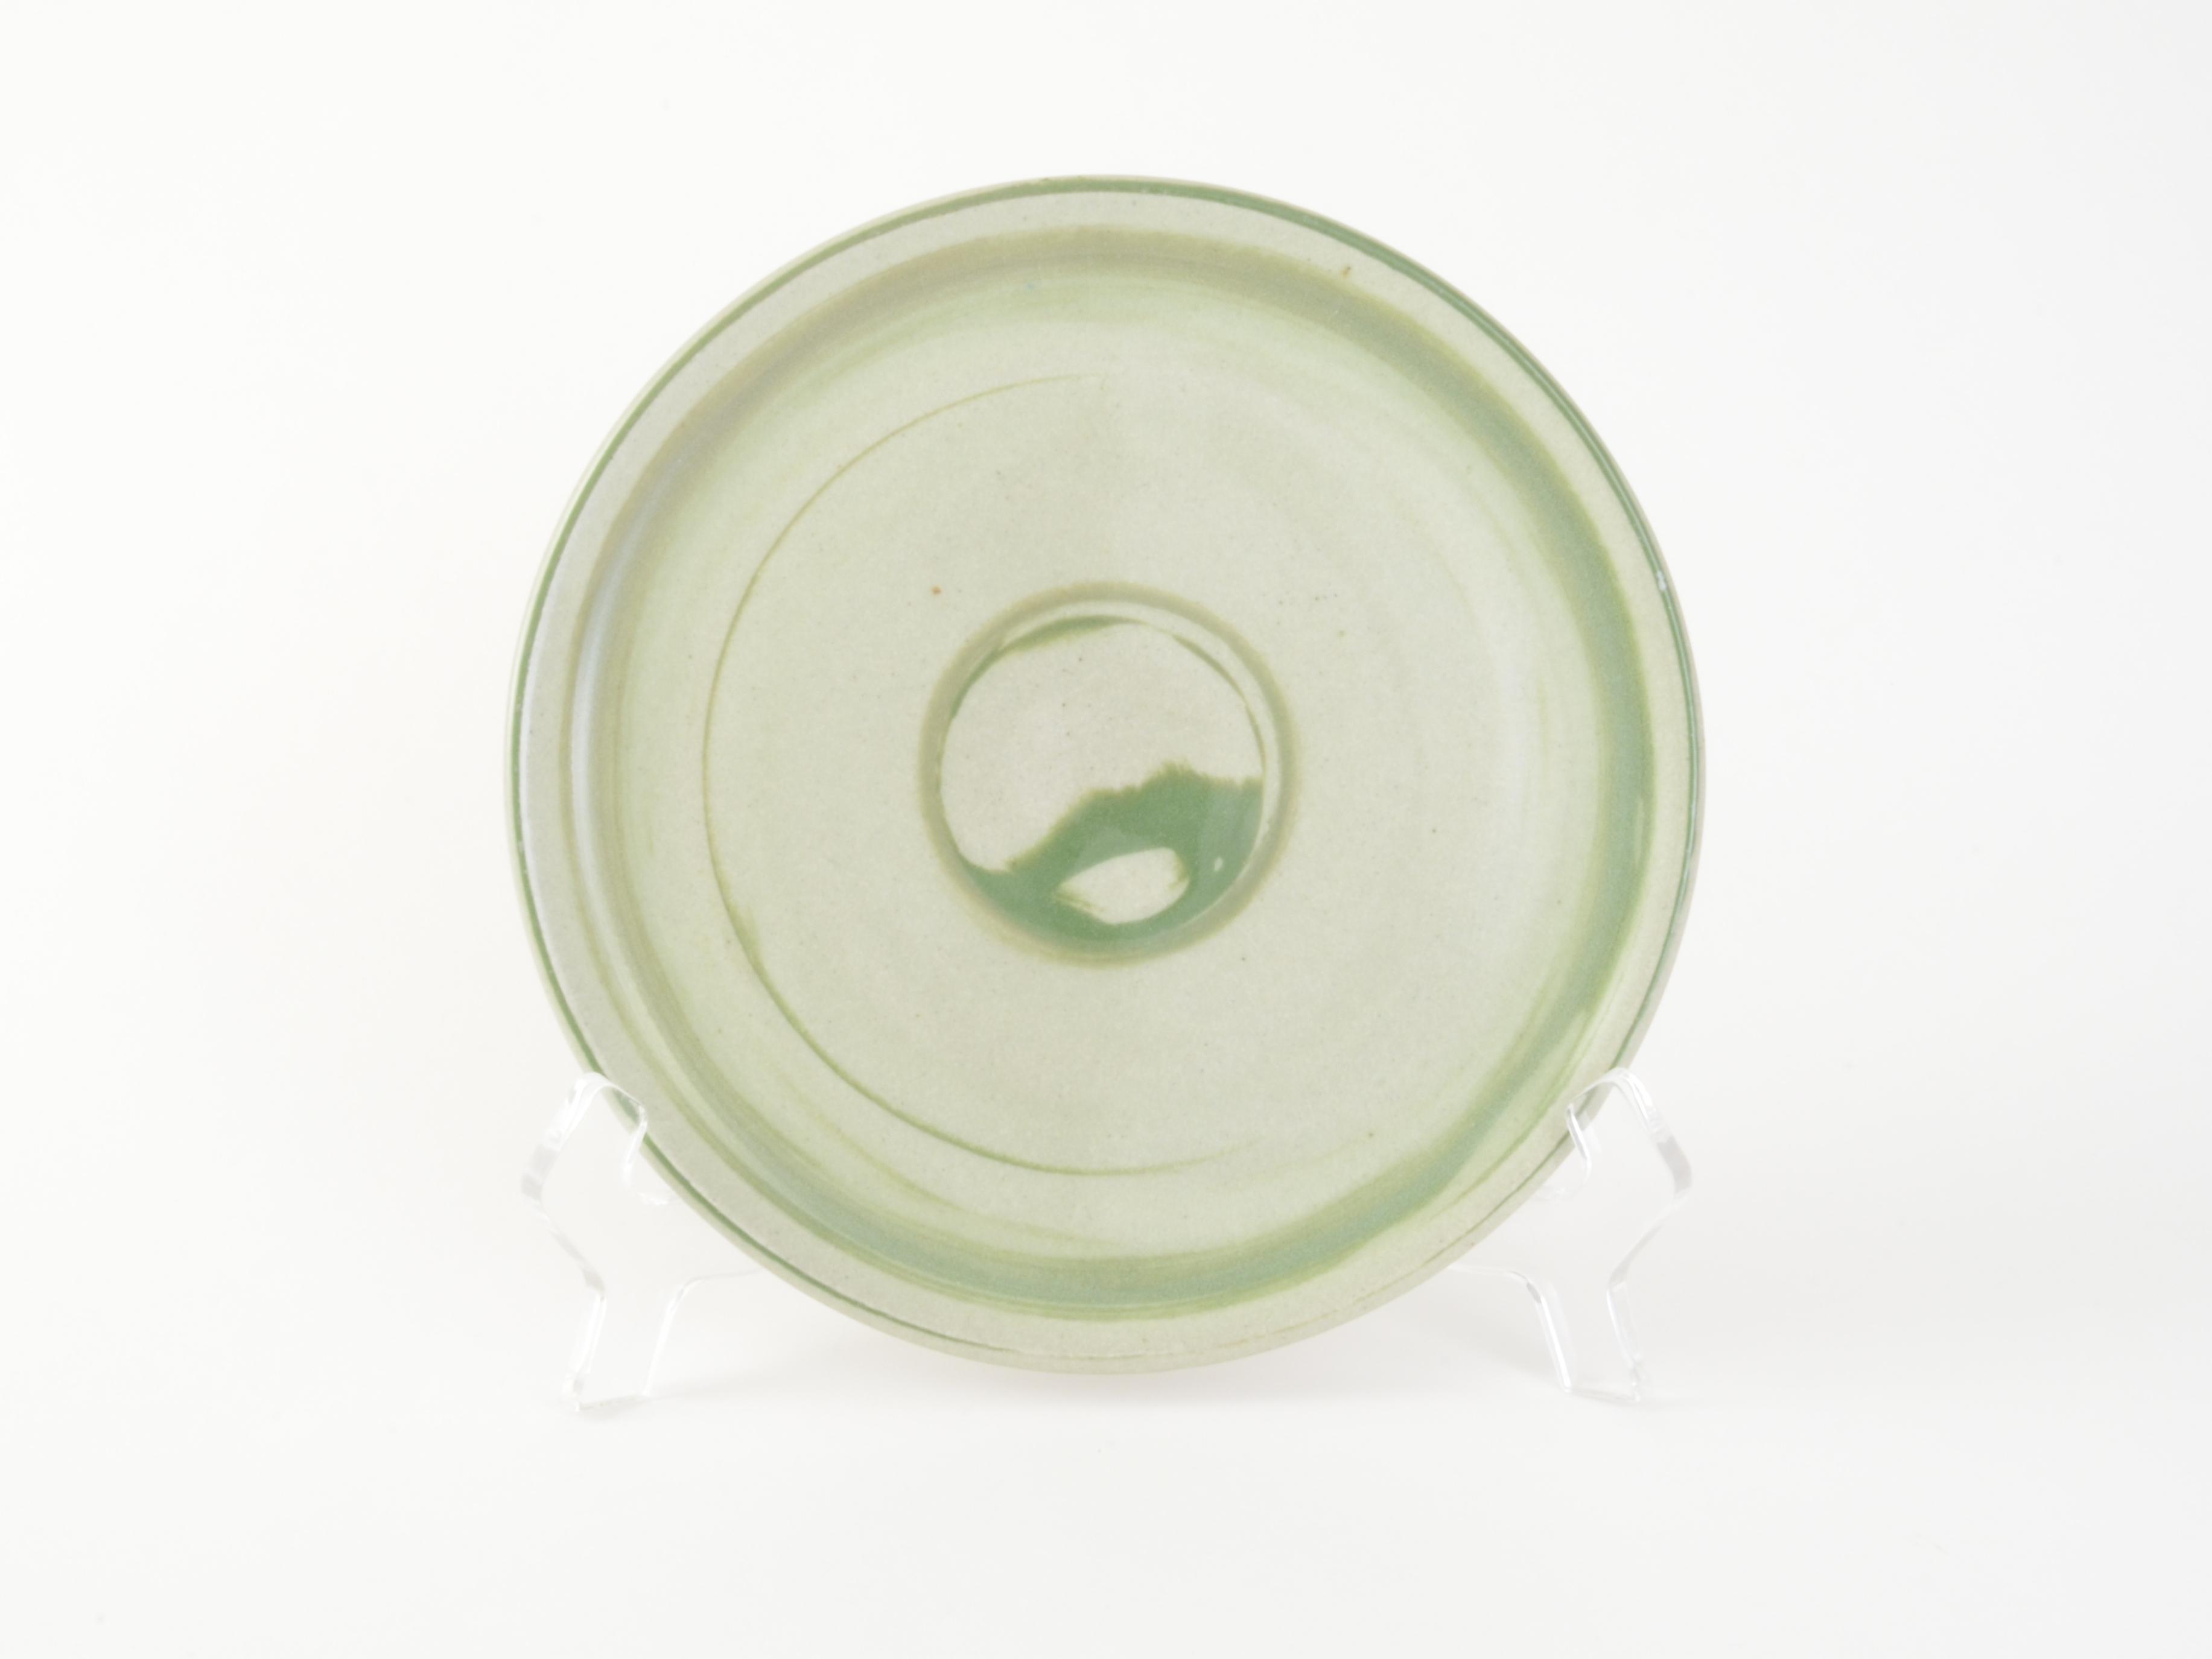 Green Slip Plate